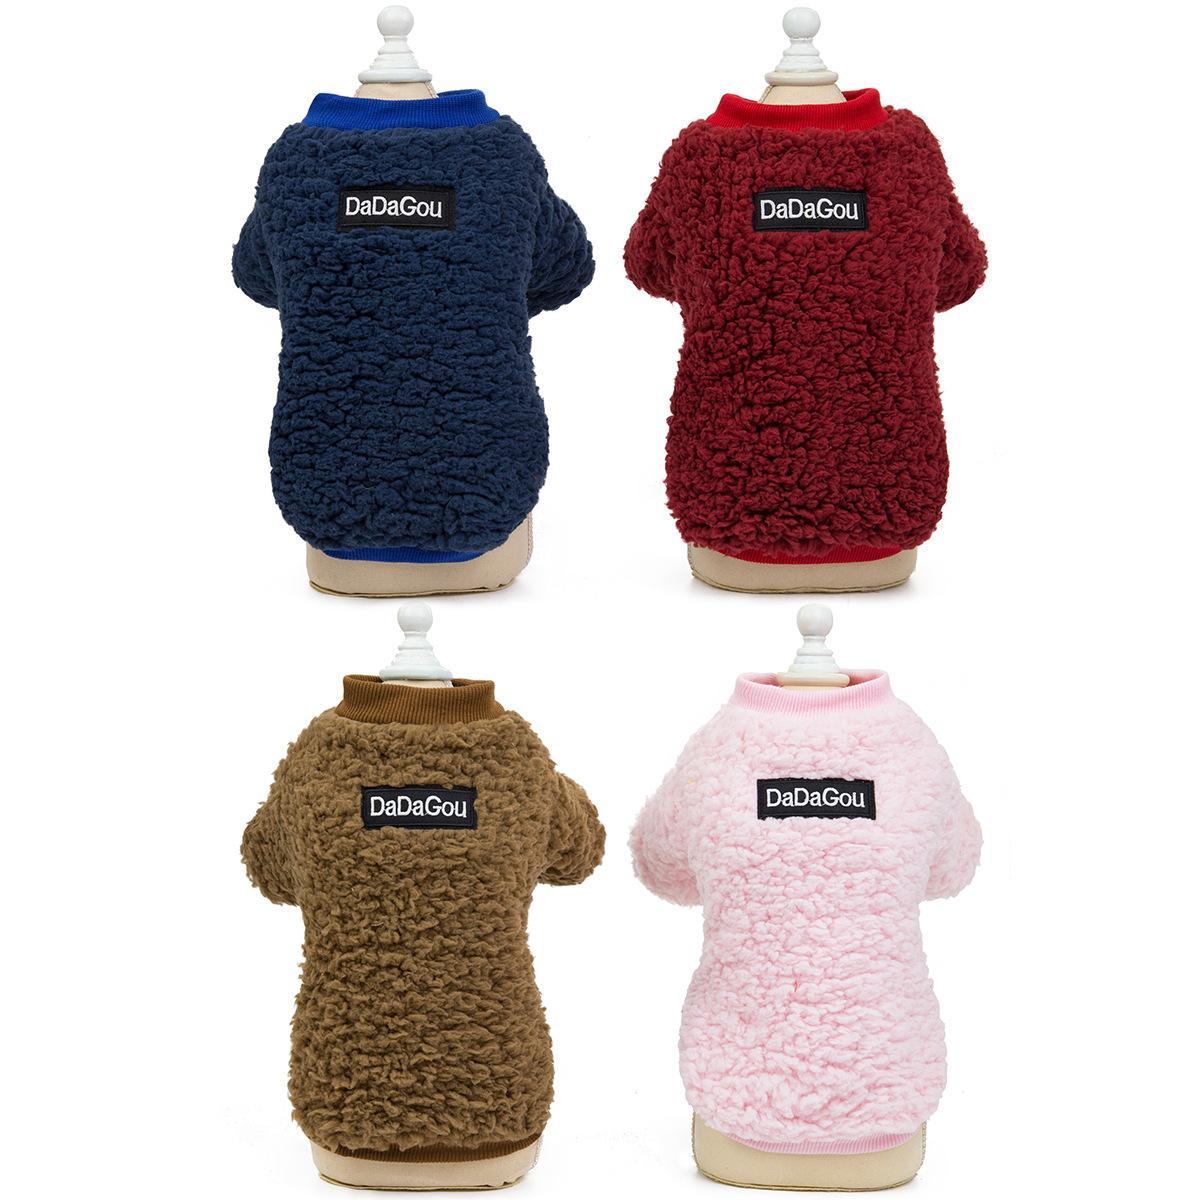 2021 moda roupas para animais de estimação designer roupas cão cordeiro lã camisola animal de estimação cão andando roupas casaco outdoor outwear atacado